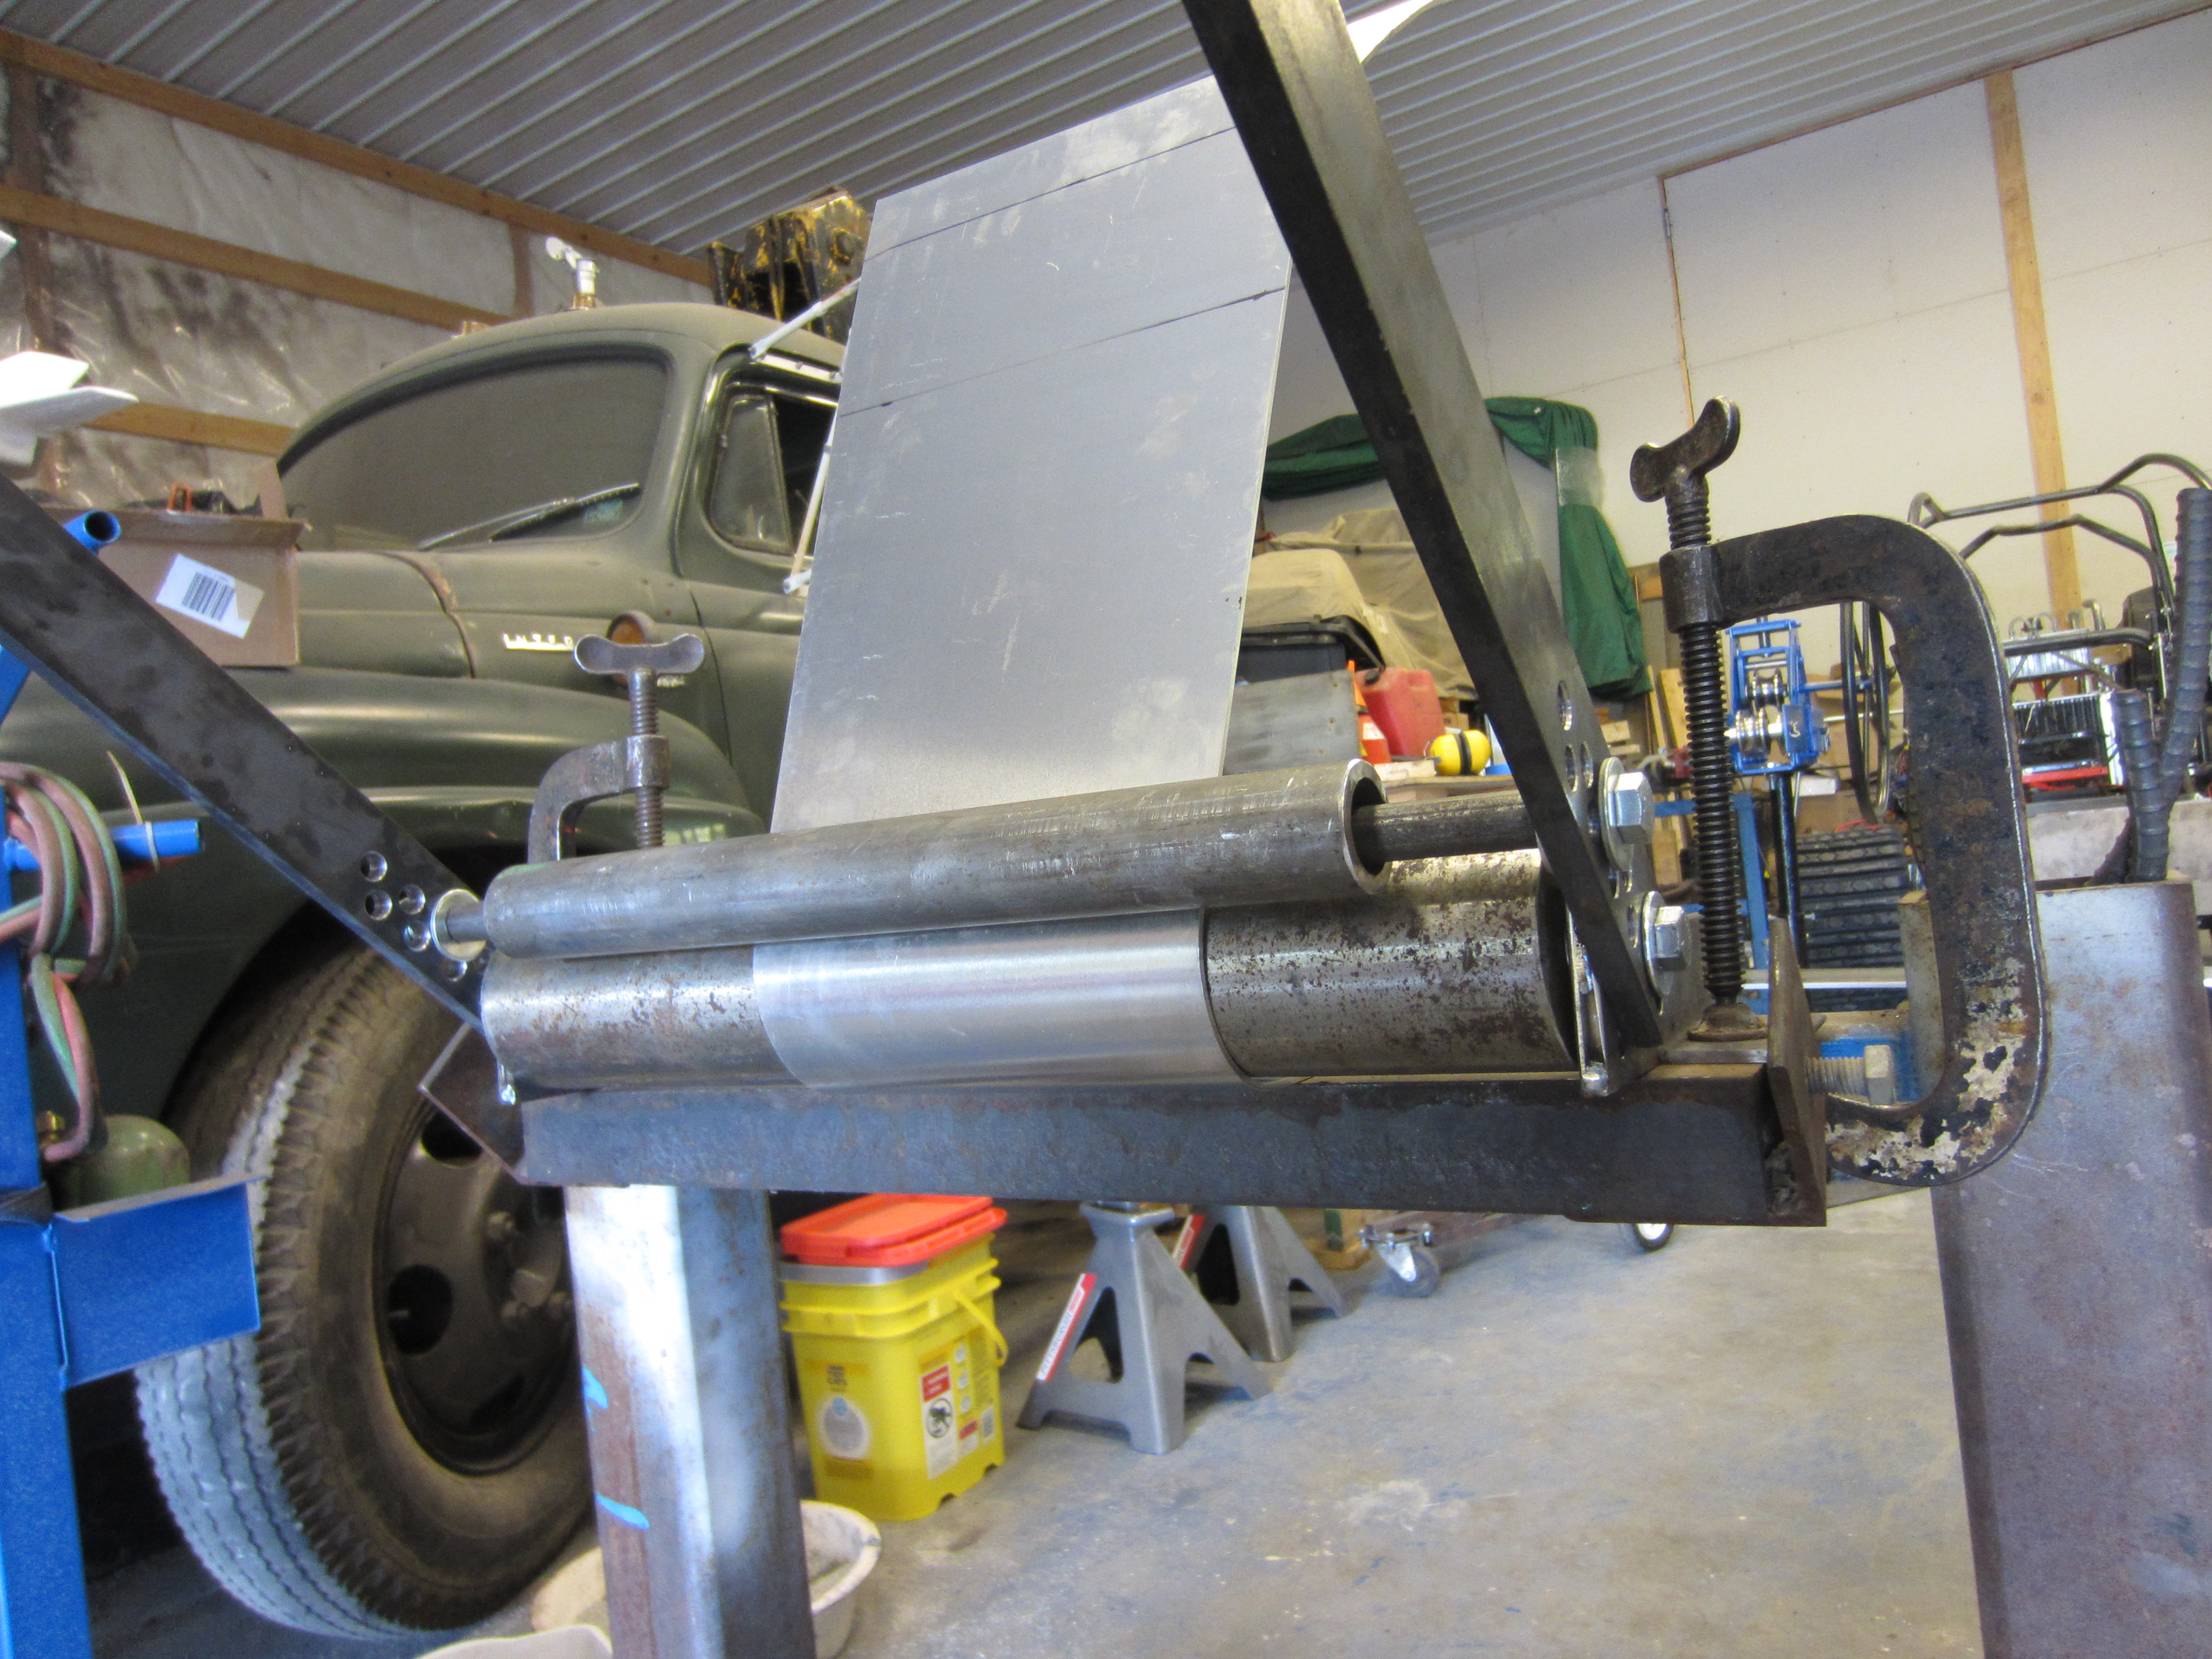 Diy Sheet Metal Rolling Brake Table Kustoms By Kent